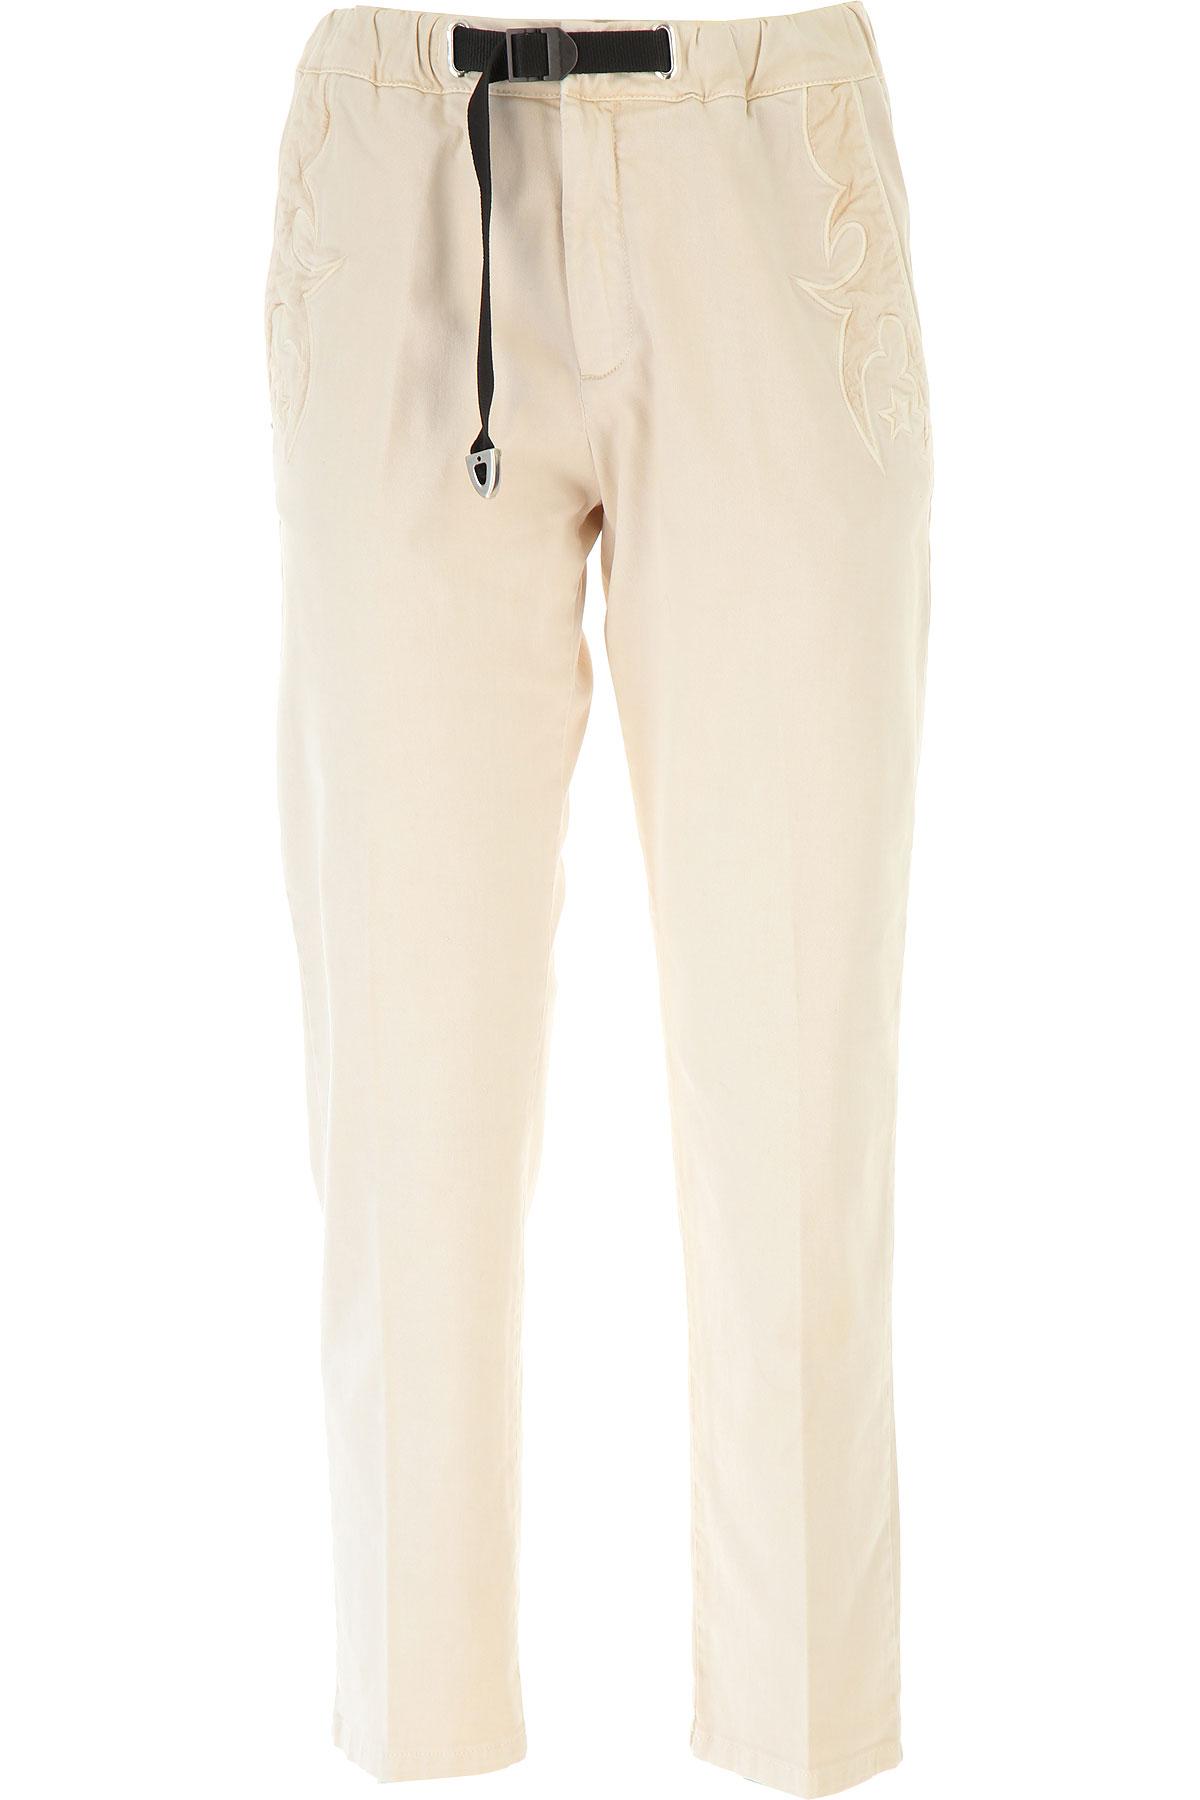 White Sand Pantalon Femme Pas cher en Soldes, Light Natural, Coton, 2019, 38 40 42